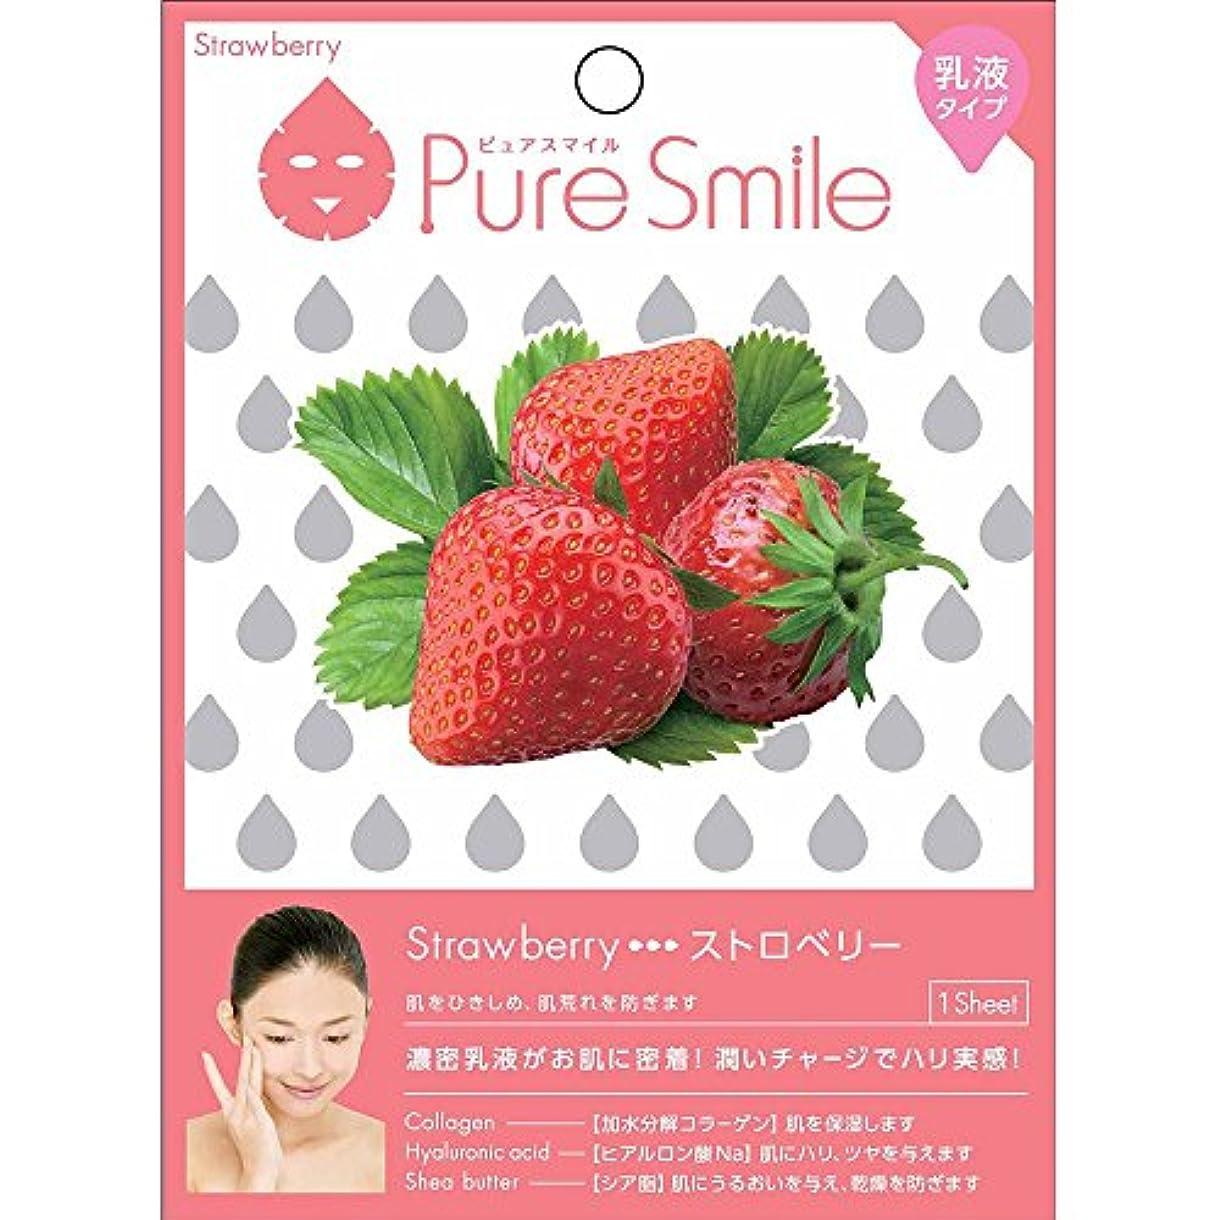 刈る鮮やかな成功Pure Smile/ピュアスマイル 乳液 エッセンス/フェイスマスク 『Strawberry/ストロベリー(苺)』